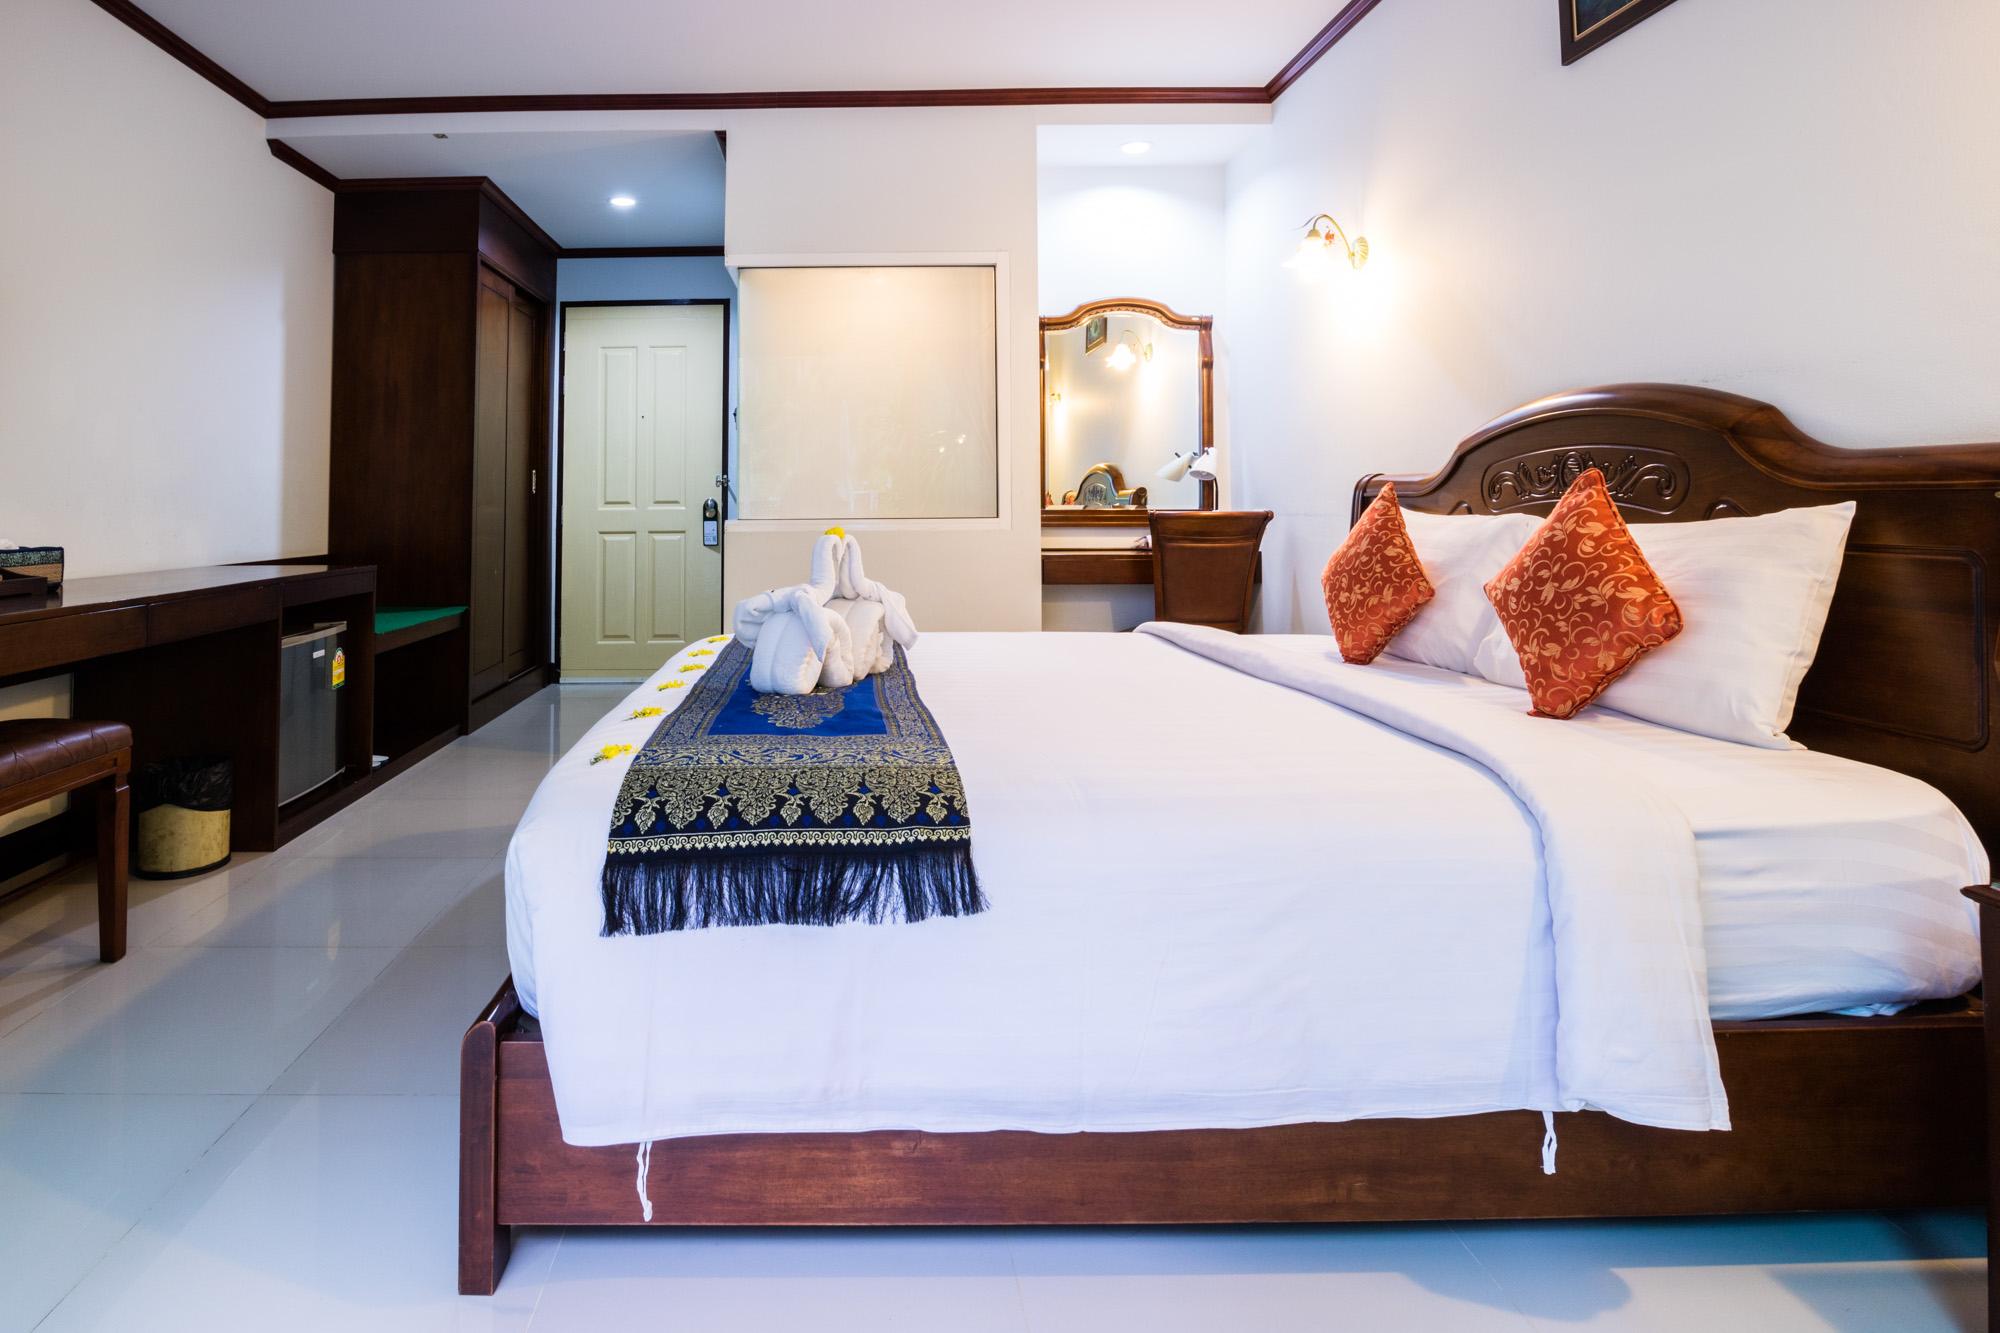 รีวิวโรงแรมมุสลิม อ่าวนาง ซิลเวอร์ ออคิด รีสอร์ท โรงแรมฮาลาล กระบี่  Aonang Silver Orchid Resort  อ่าวนาง ซิลเวอร์ ออคิด รีสอร์ท IMG 6139